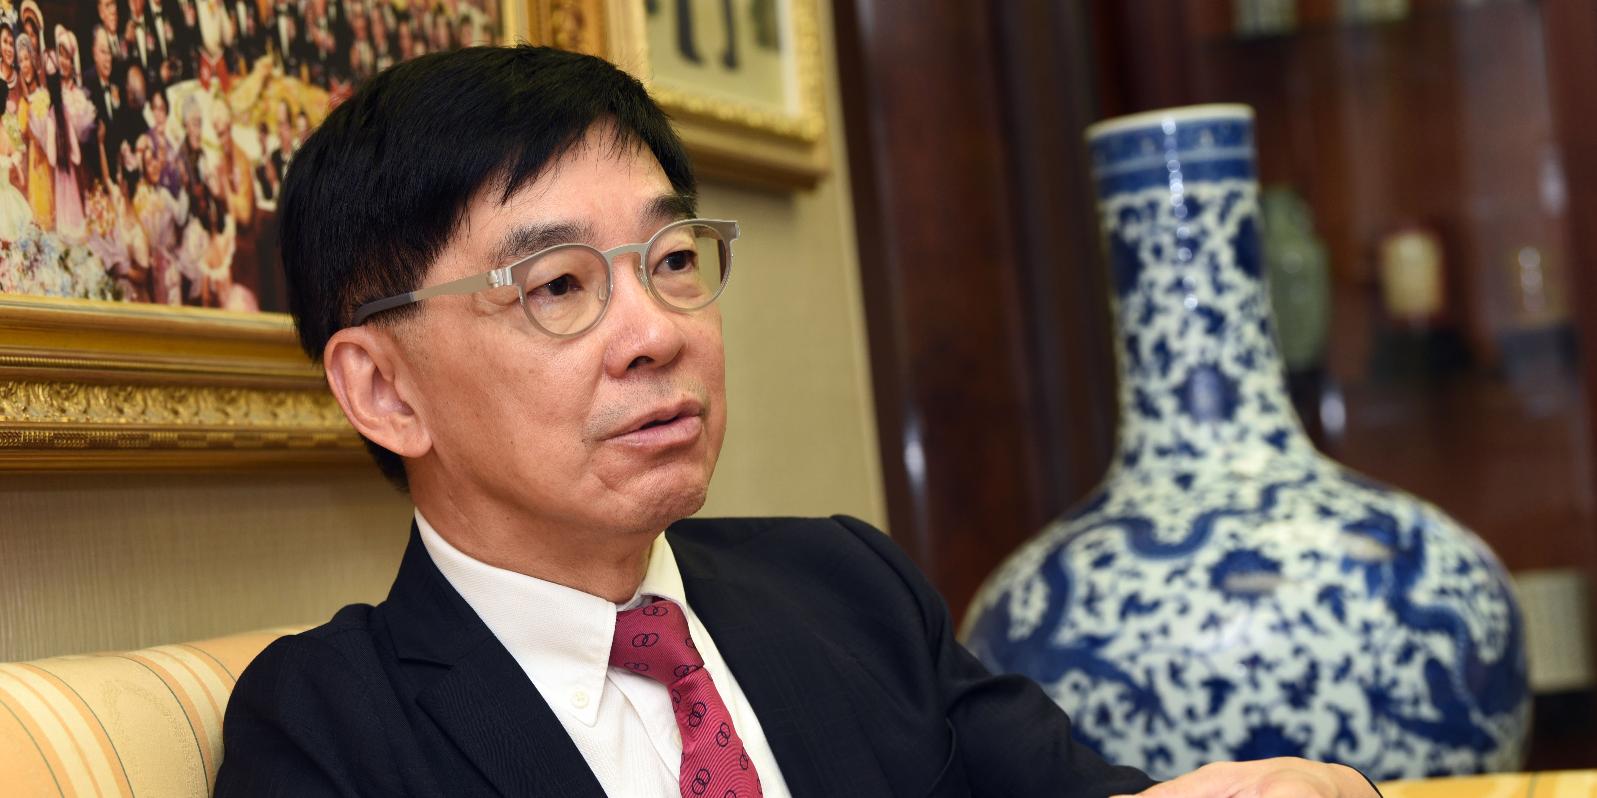 李秀恒:警察福利基金資產管理銀行變動與政治無關